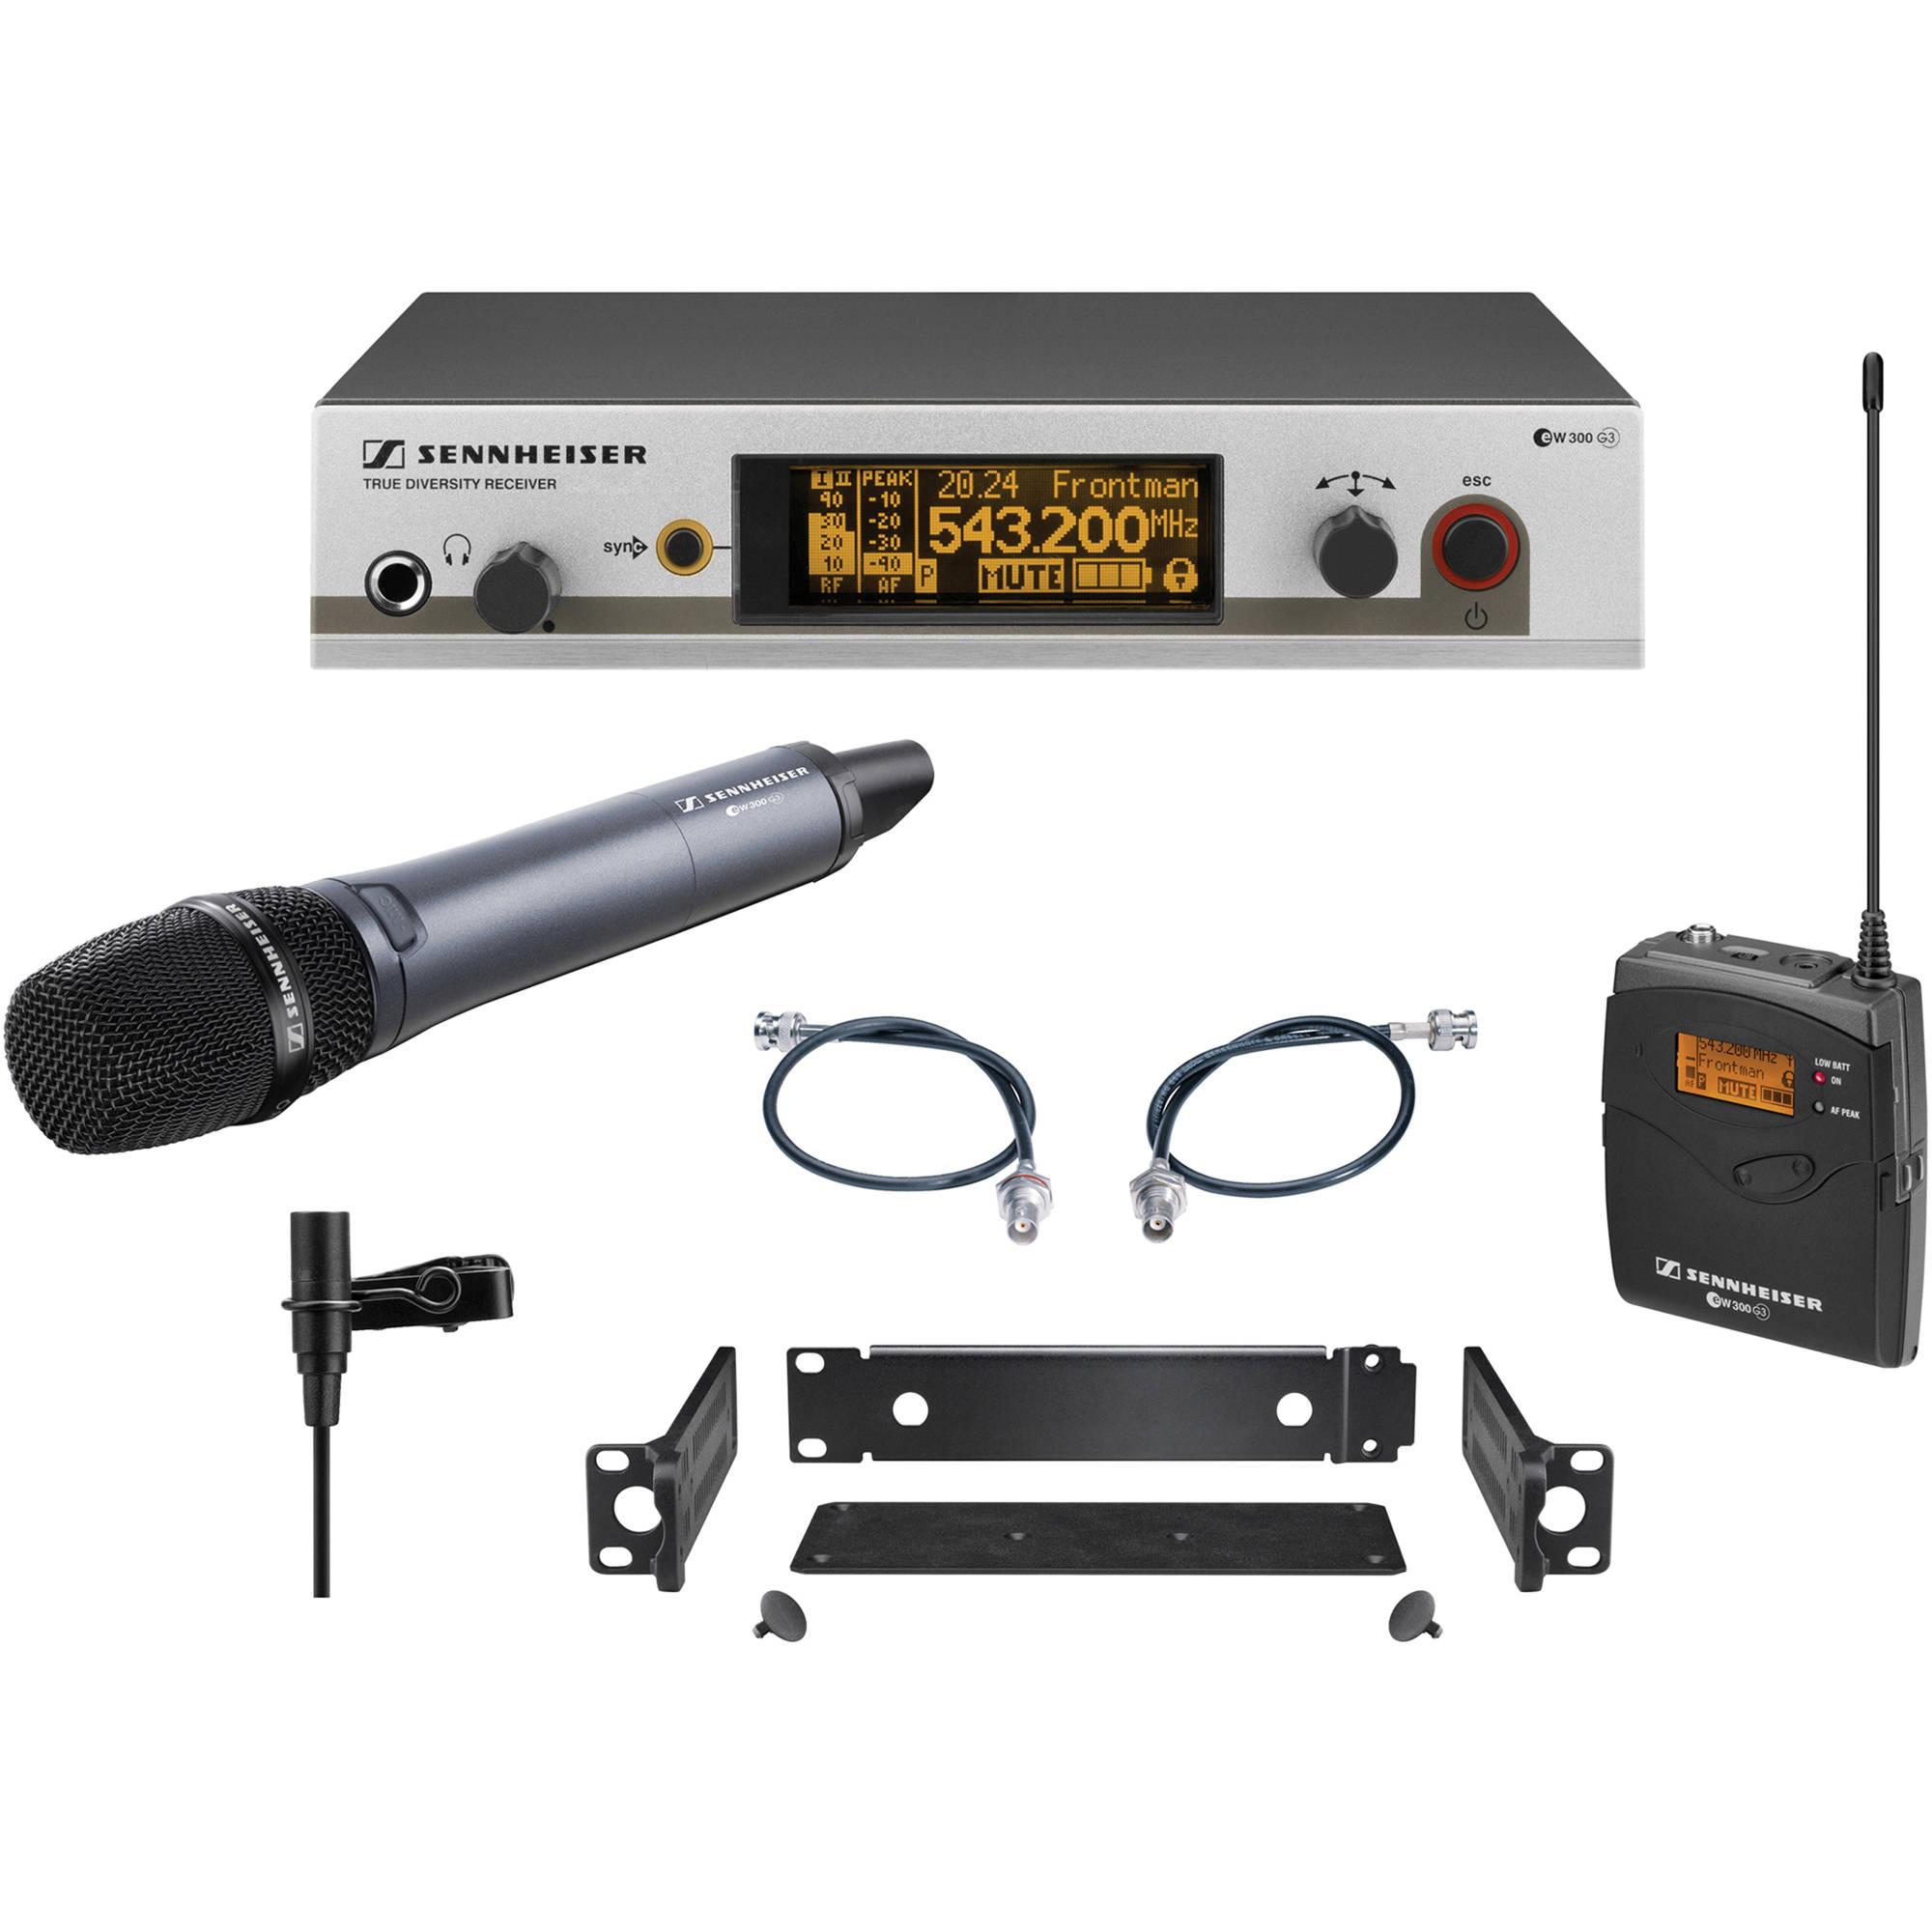 Sennheiser Headworn Wireless Microphone(G3)